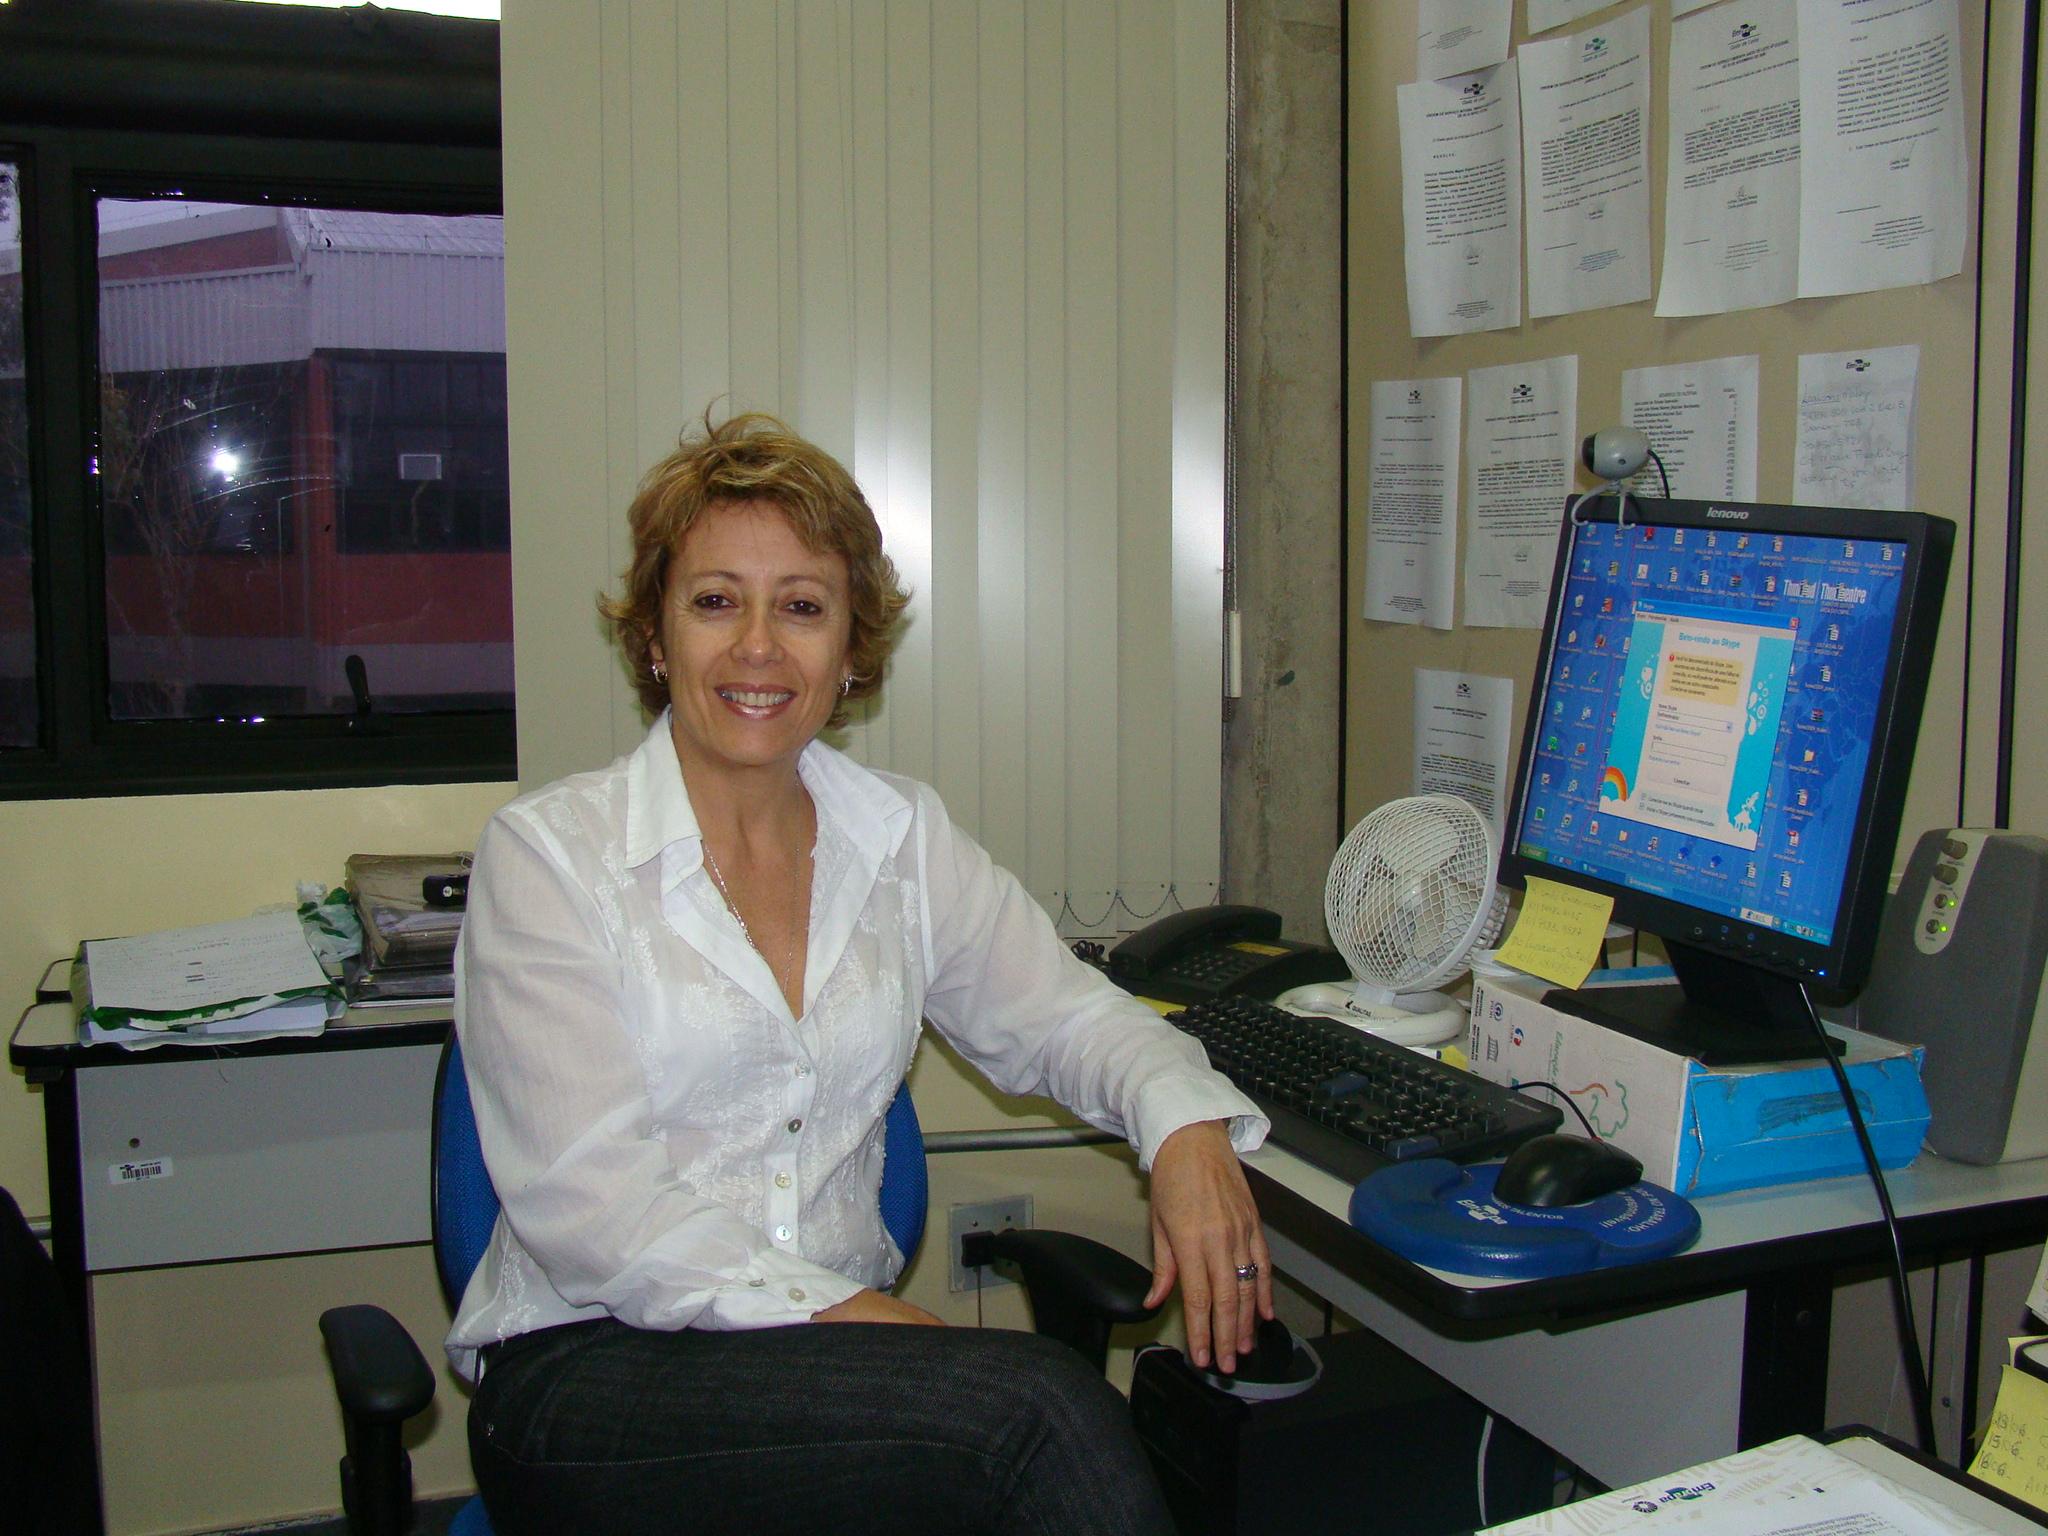 Elizabeth Nogueira Fernandes